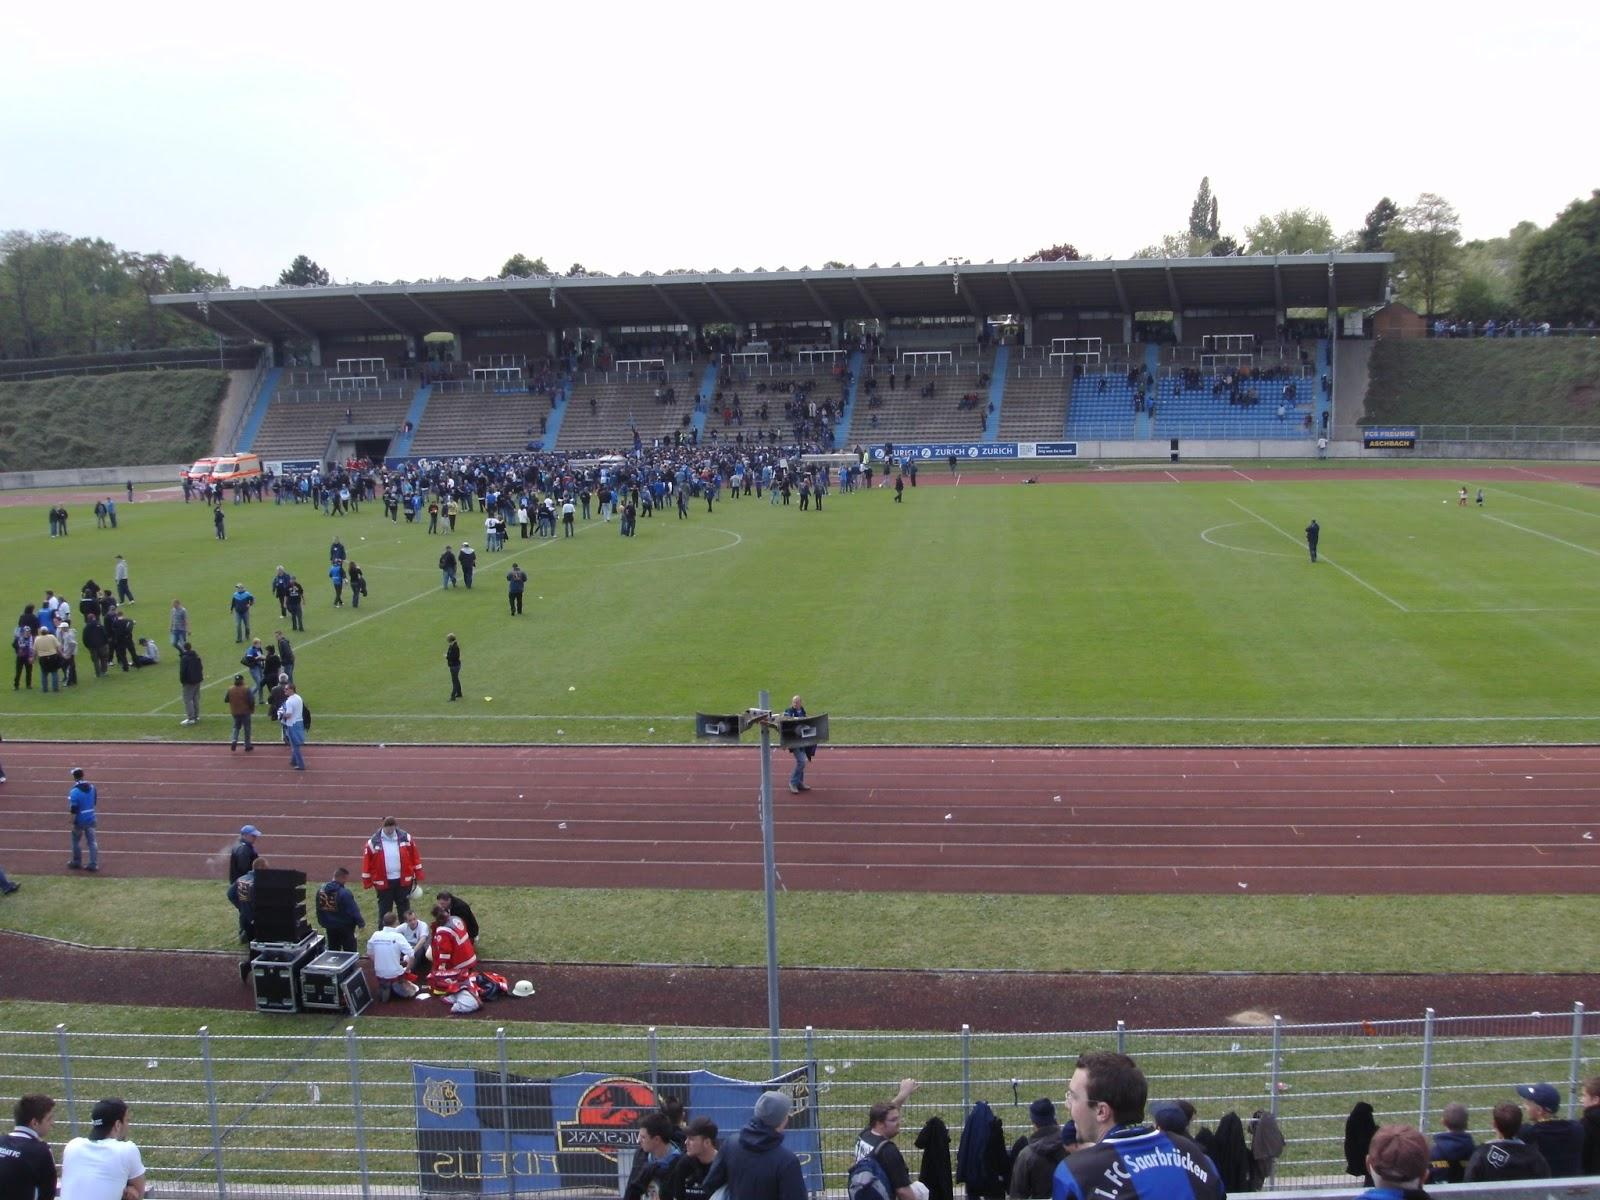 Stadion Bonner Sc